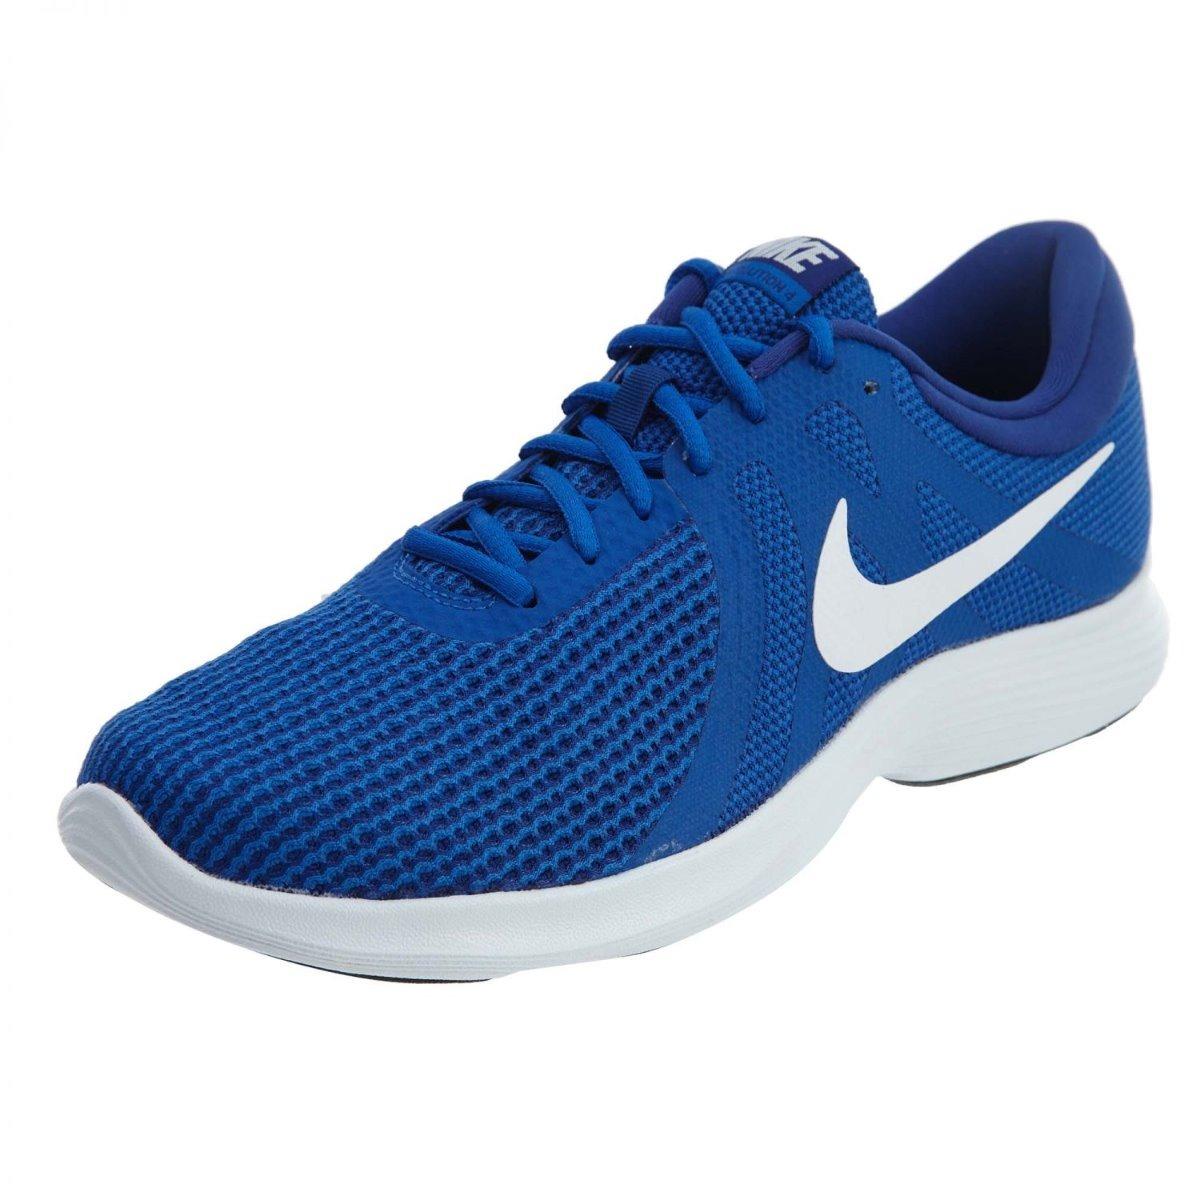 zapatos de separación 7ceca 092b4 Tenis Nike Revolution Azul Hombre Original 908988-400